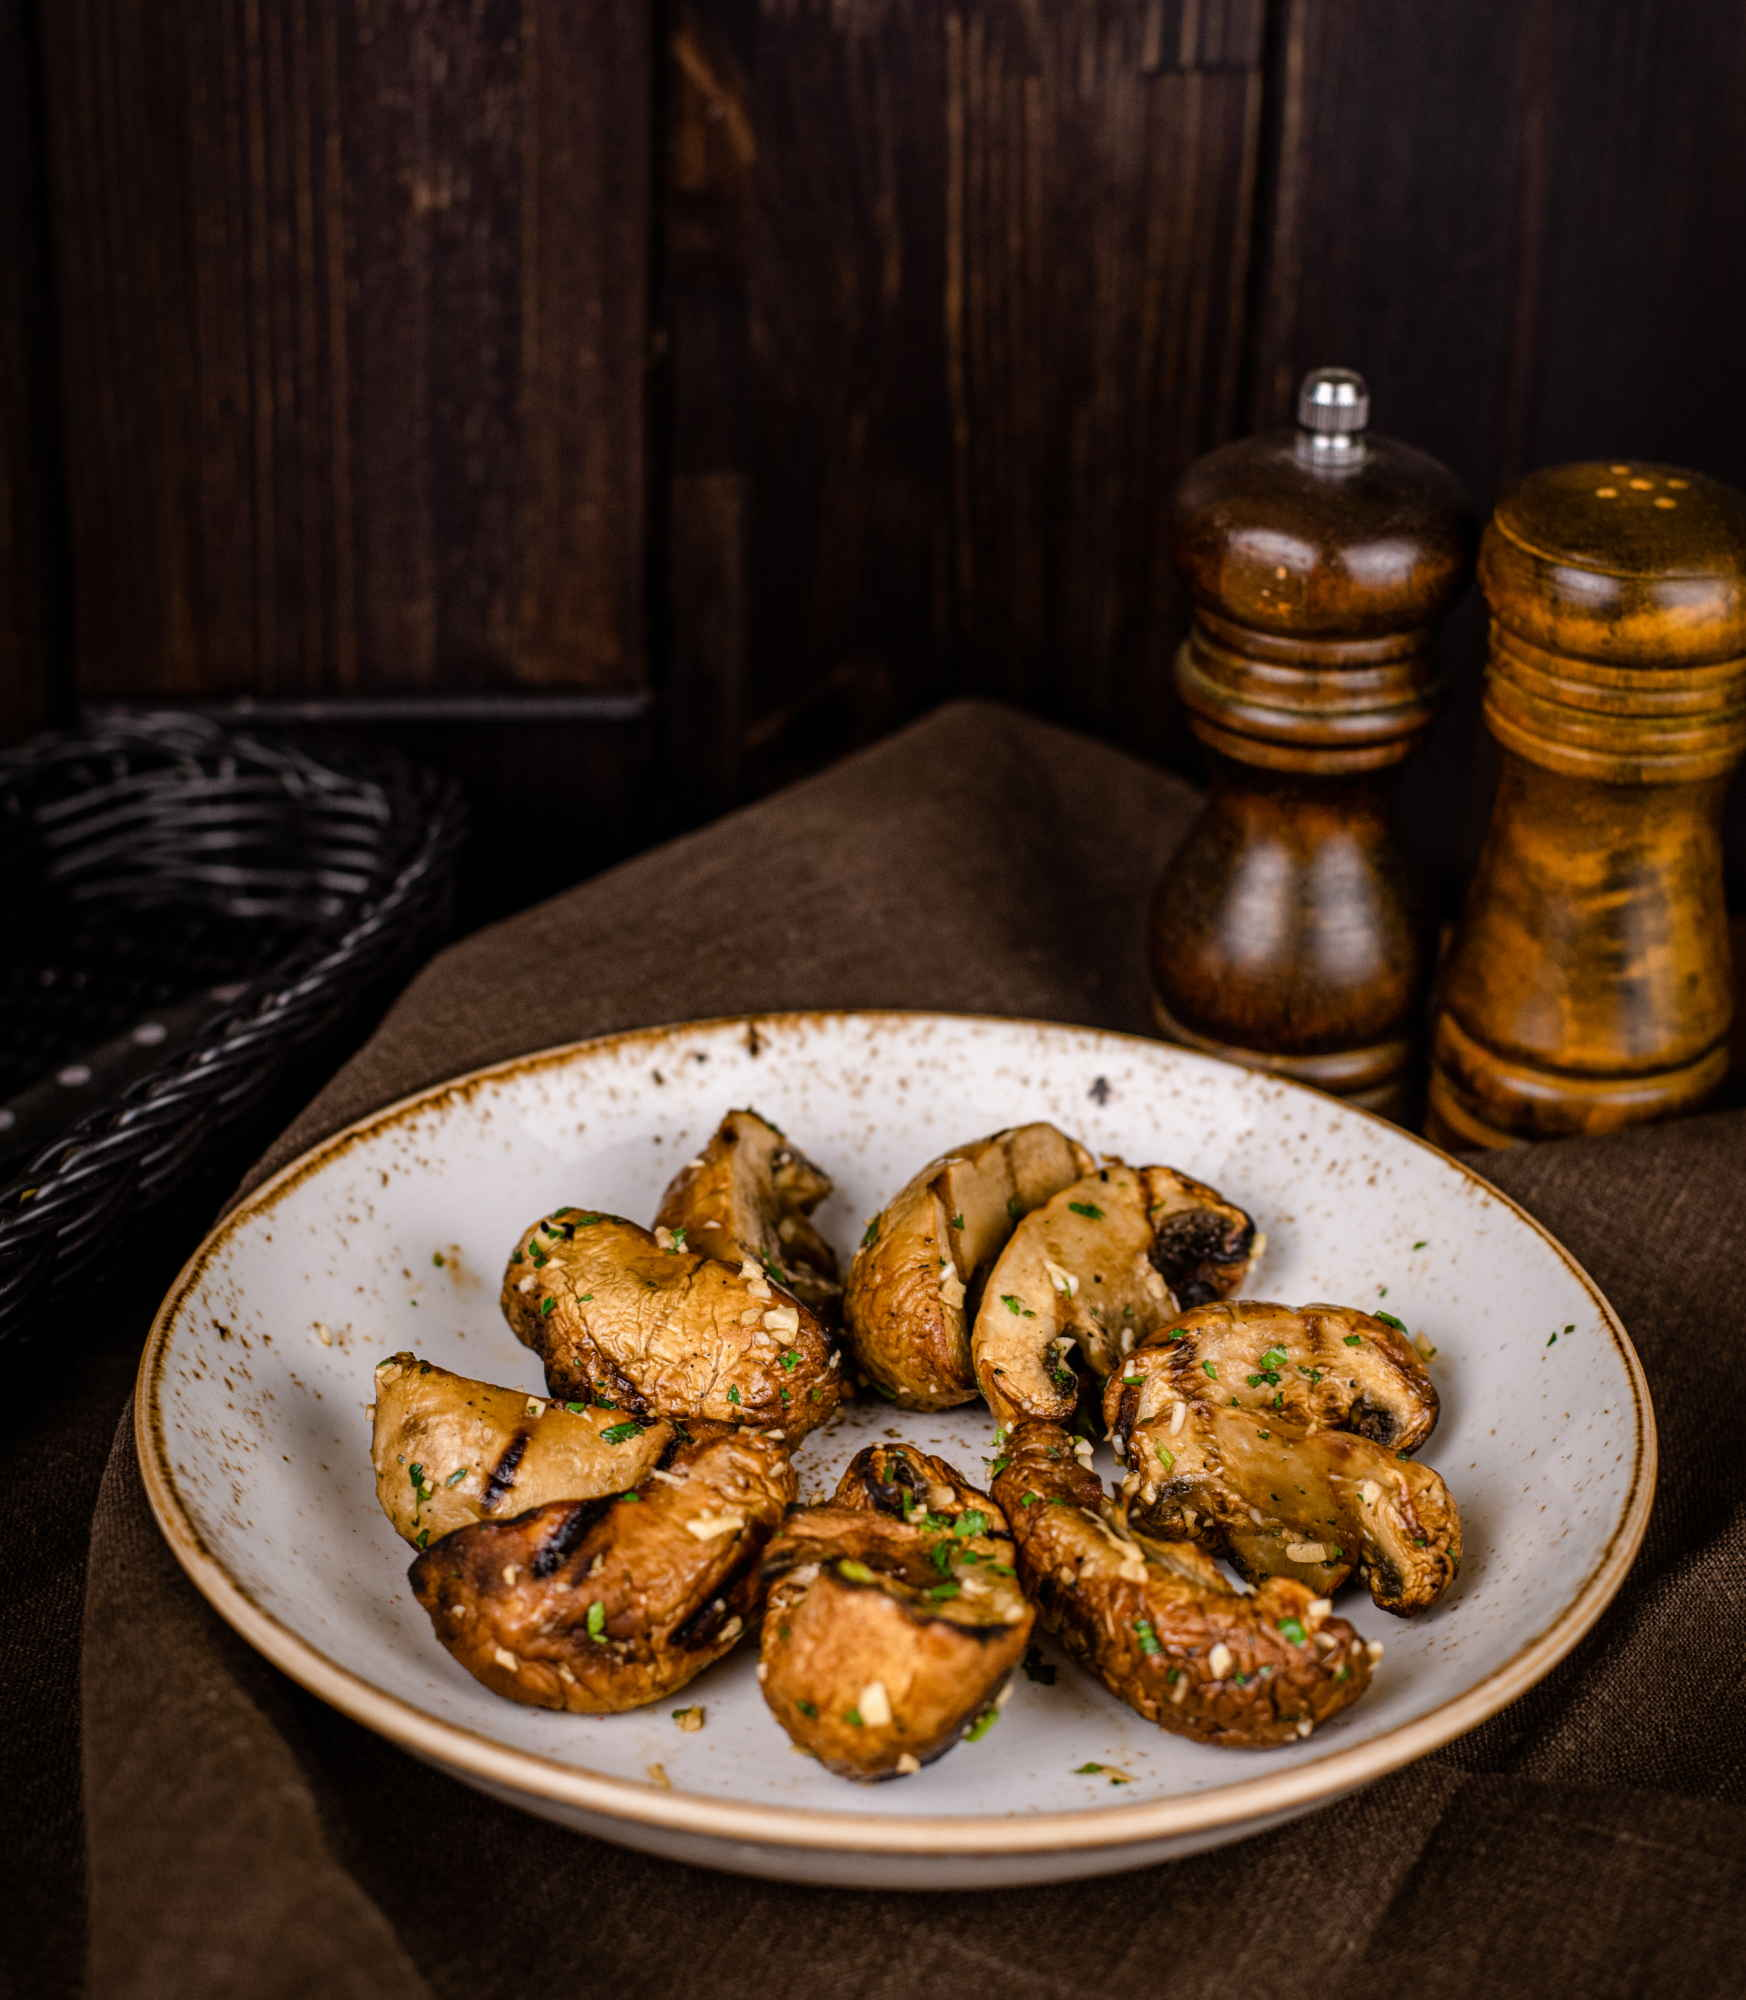 Шампиньоны гриль маринованные в чесноке доставка ресторан лабиринт в Орле